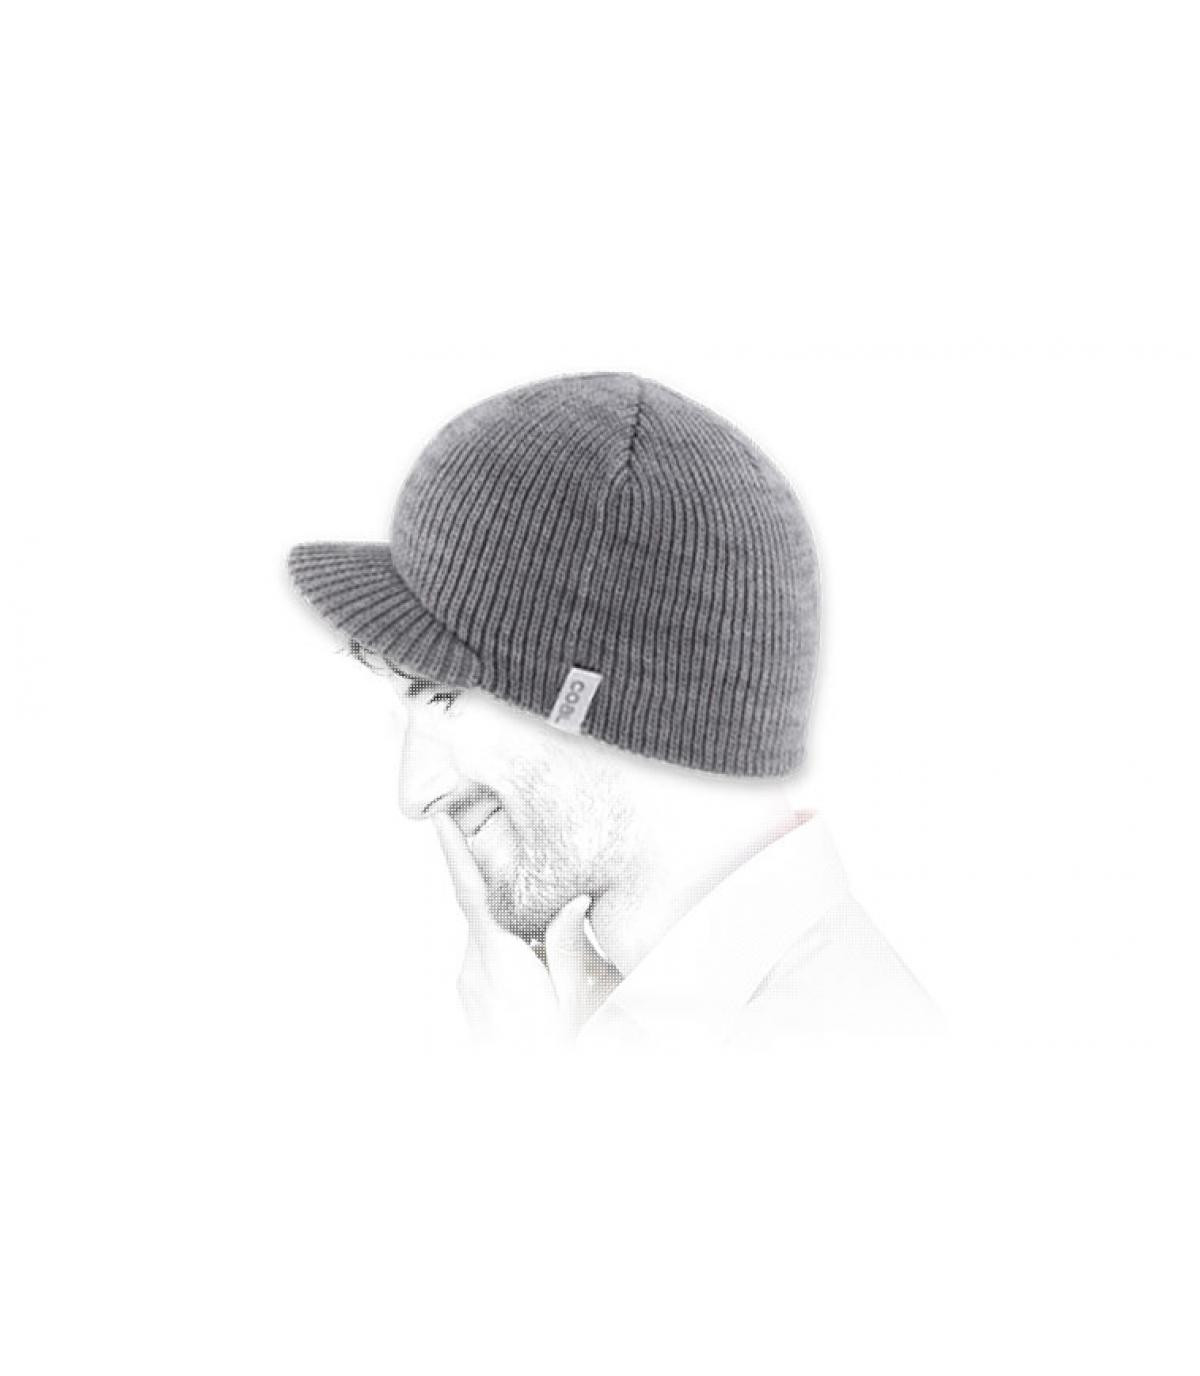 Mütze Schild grau Schirmmütze